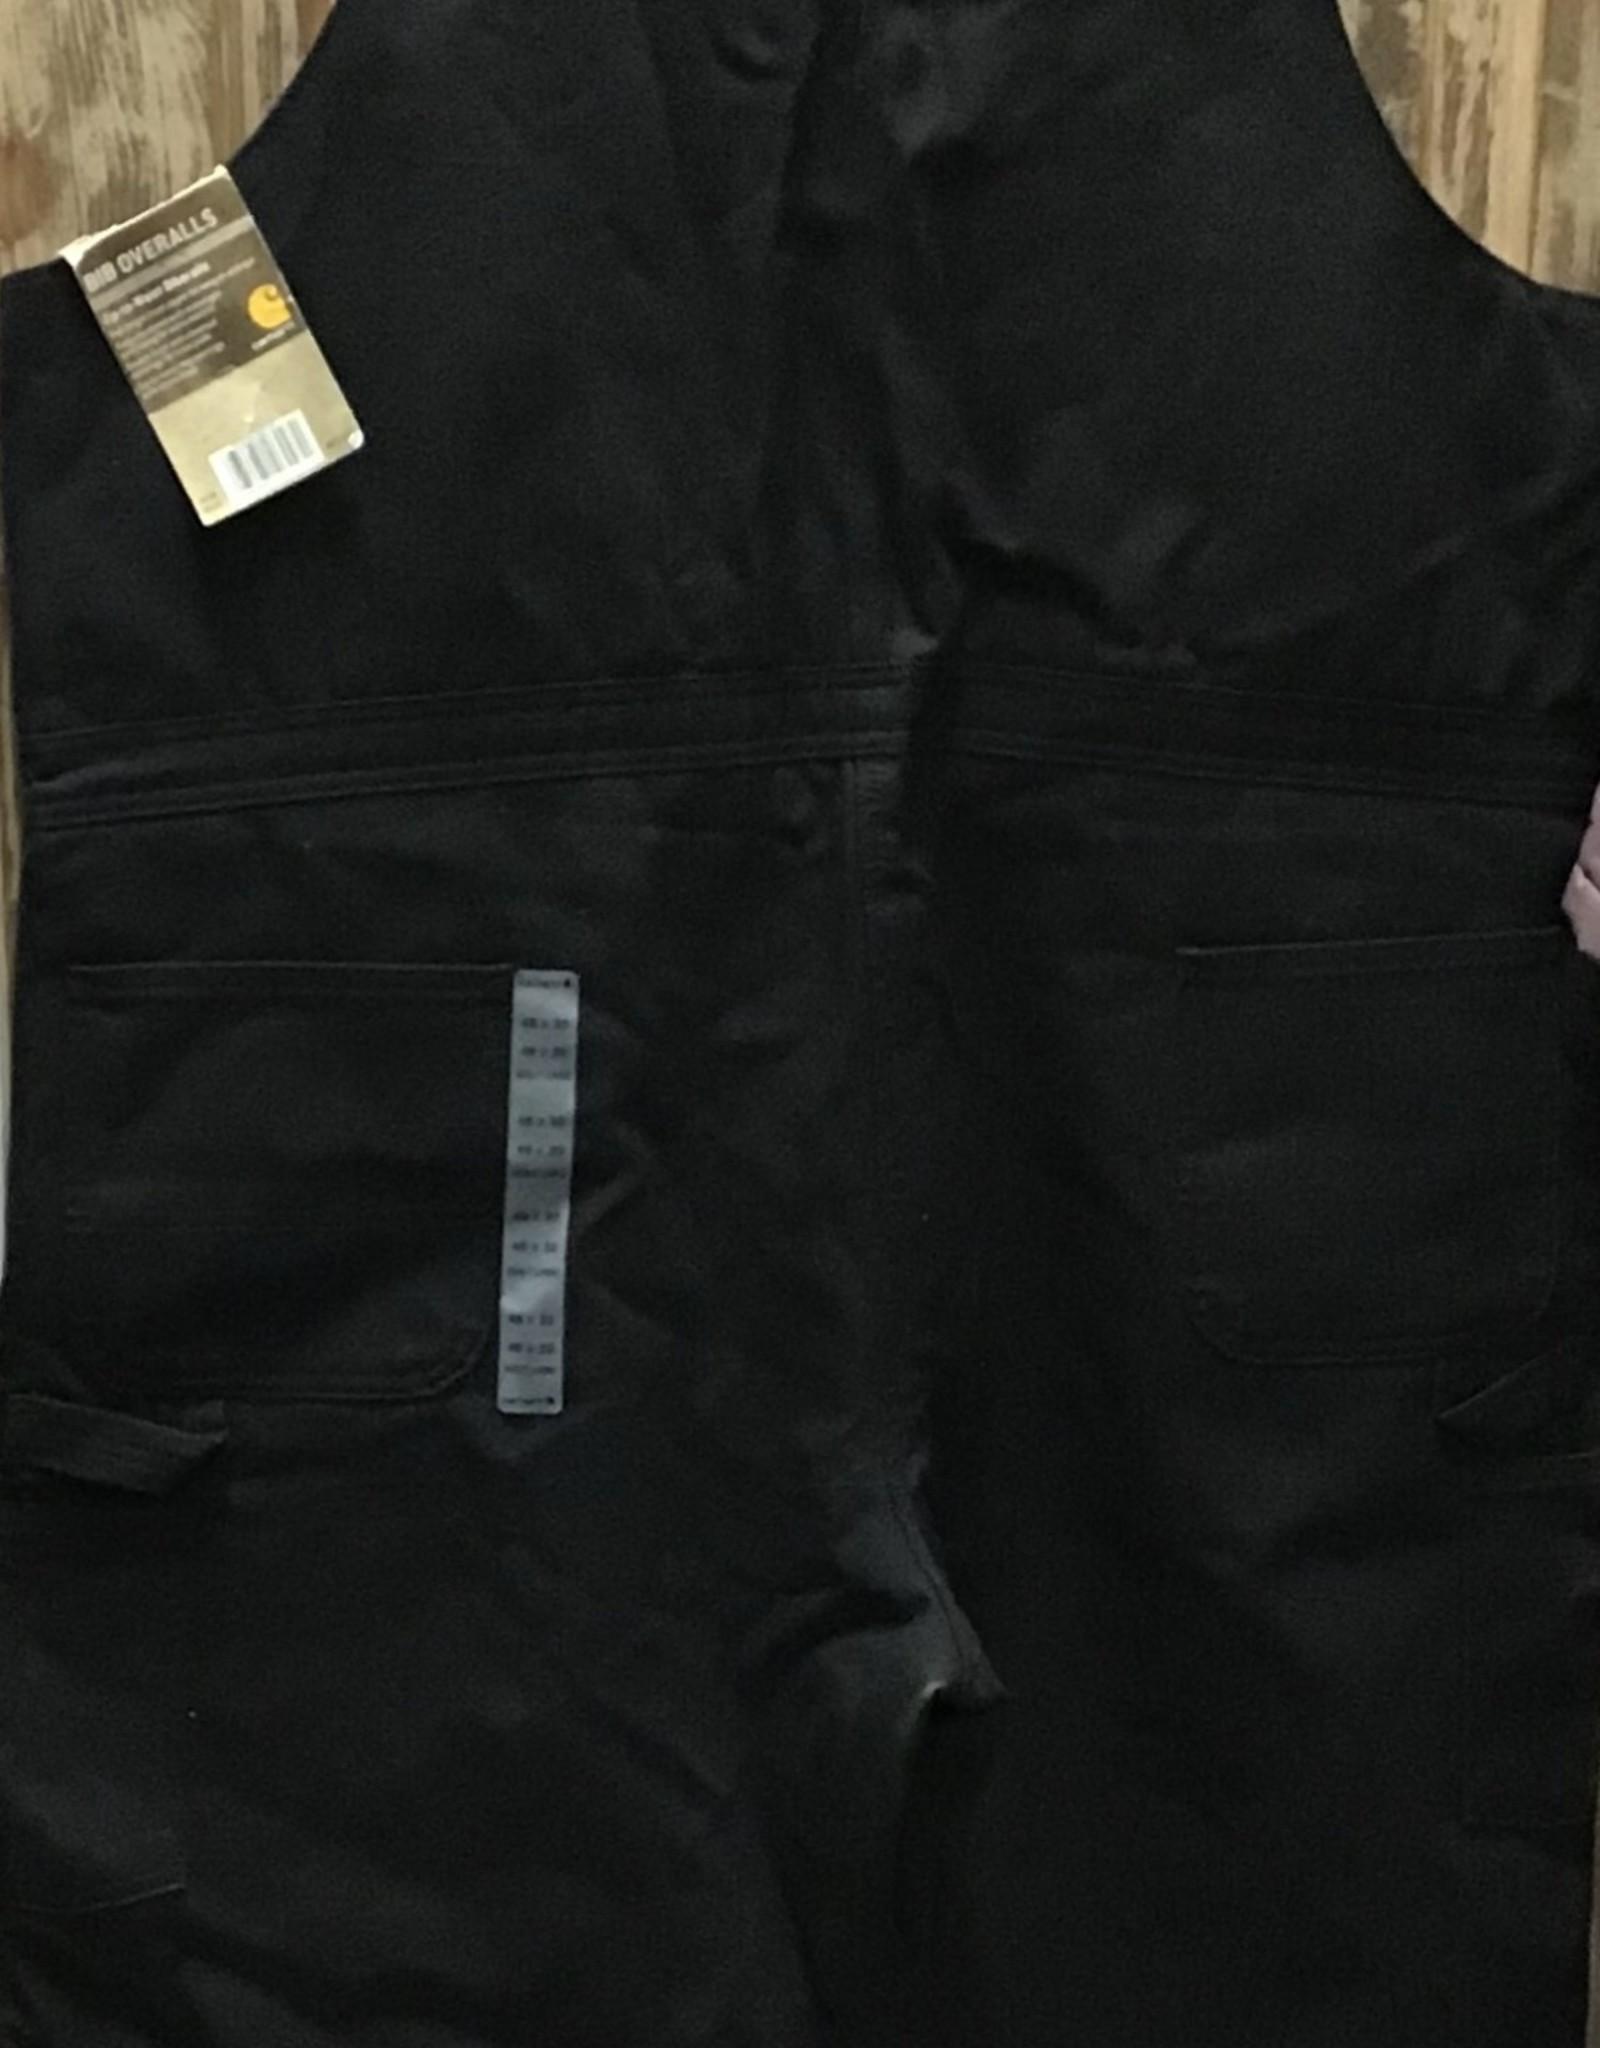 Carhartt Carhartt R38 Firm Duck Quilt Lined Zip to Waist Biberalls Mens